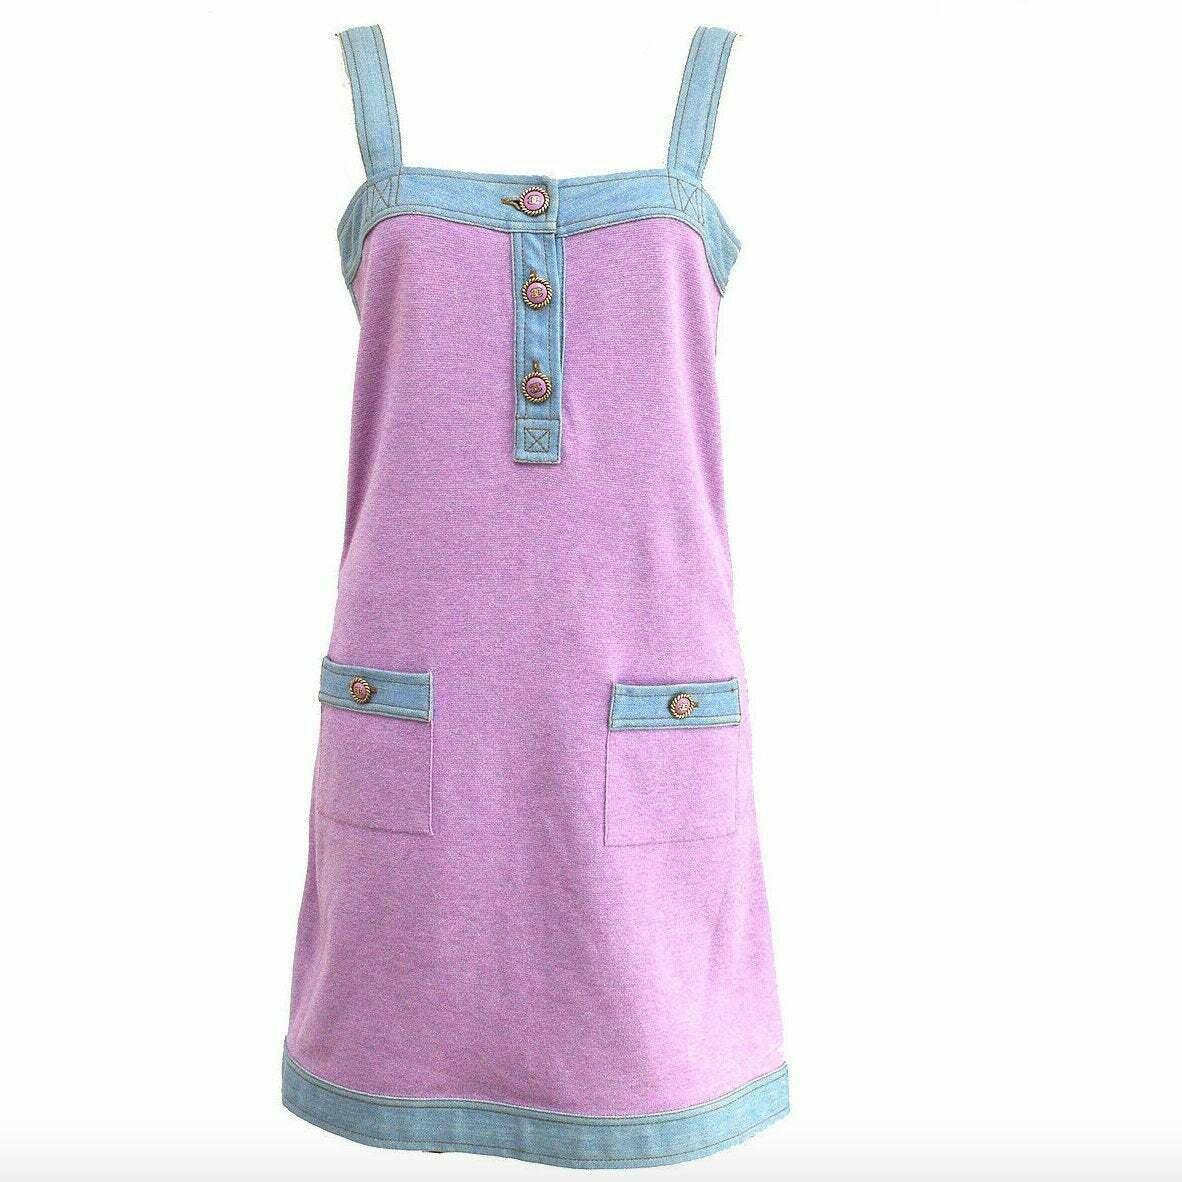 Vintage 90's CHANEL CC Logo Buttons Pink Cashmere Denim Dress Eu 36 us S / M - Super RARE!!